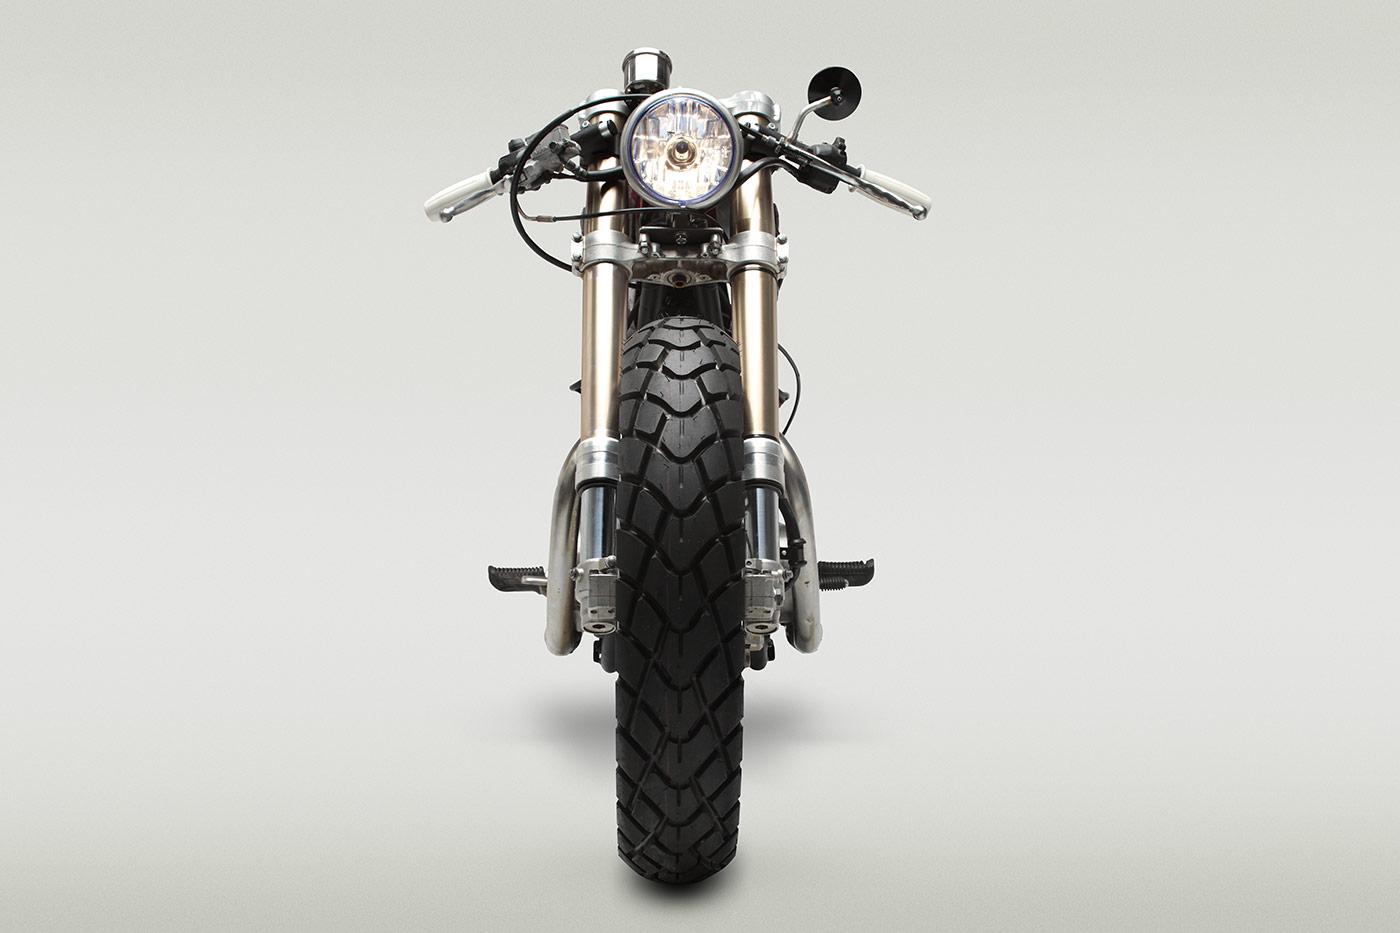 XS650 Yamazuki - Classified Moto